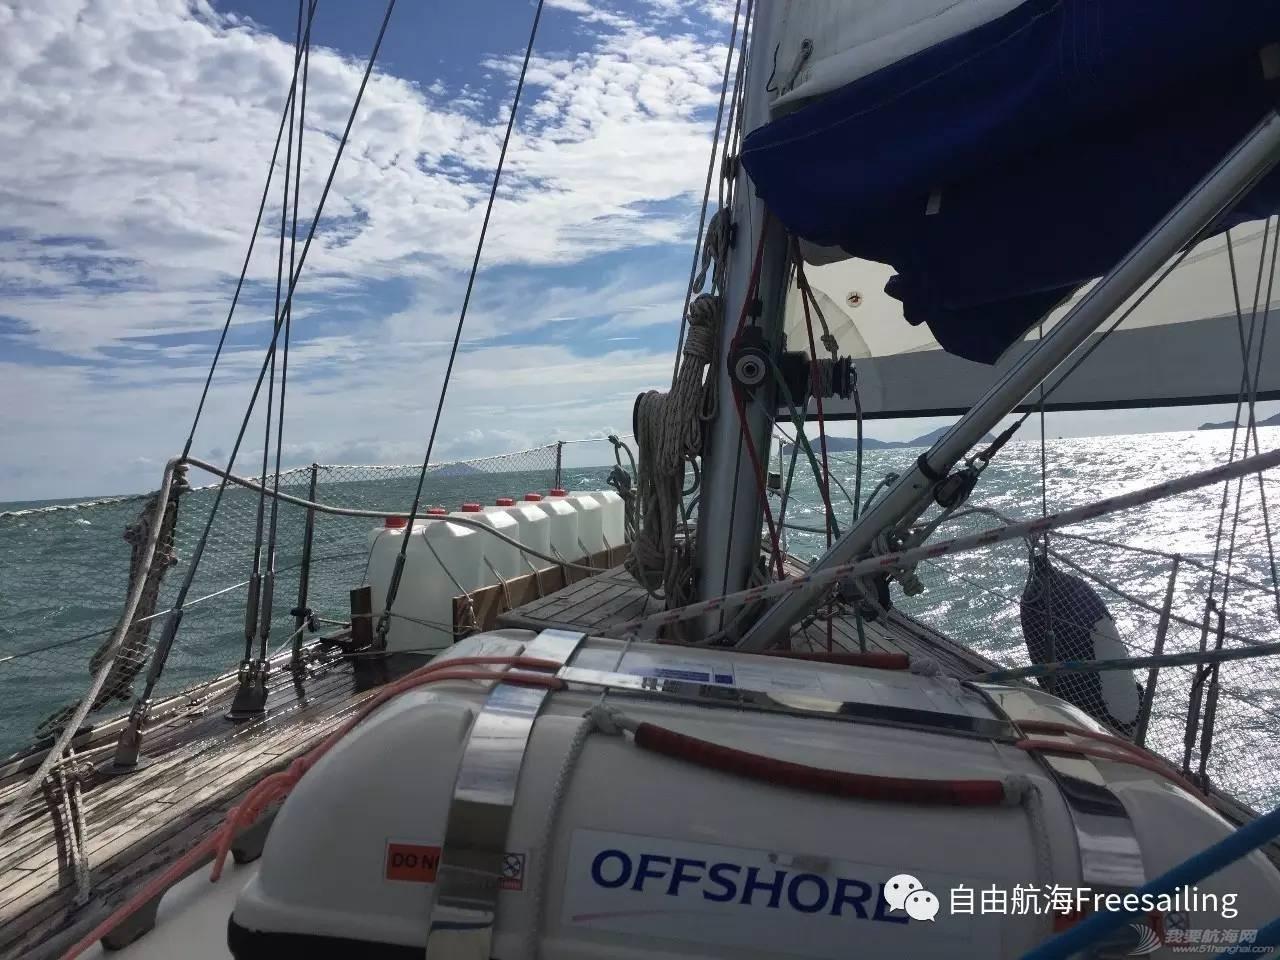 海上生活初体验——帆船环球周记六 e268a3739e1e1270ea231179fb6f0e85.jpg